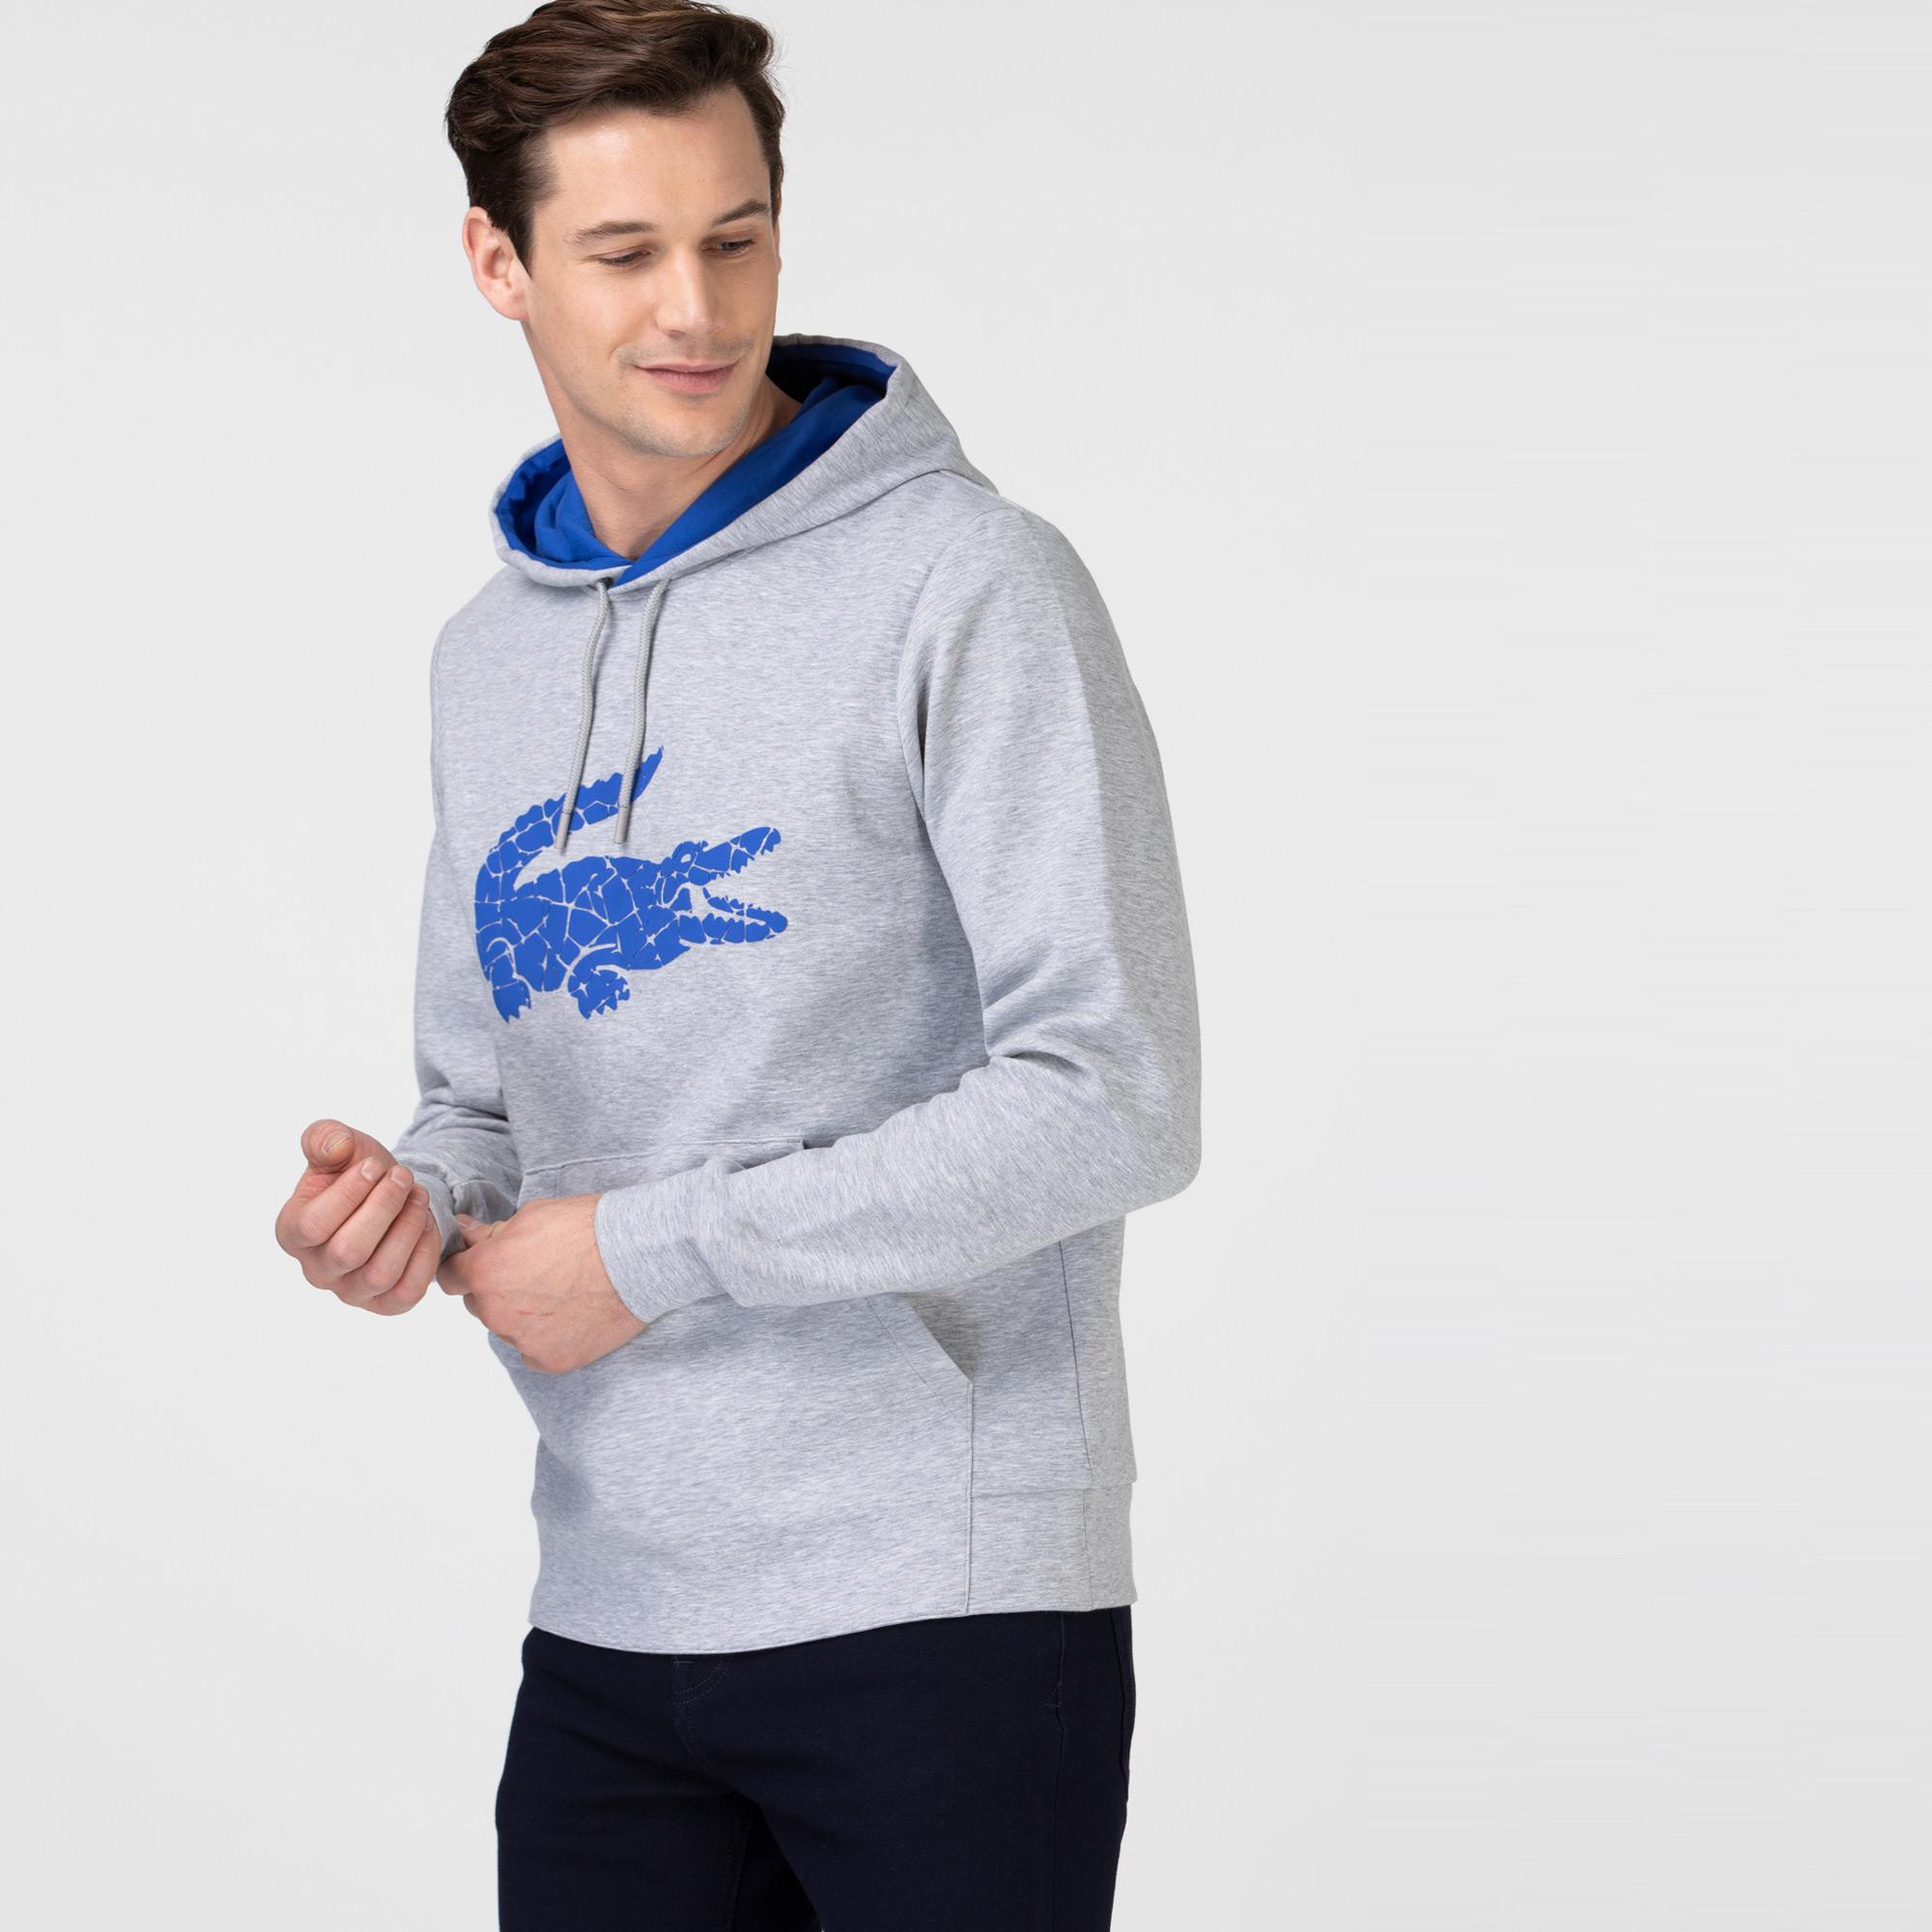 Lacoste Erkek Kapüşonlu Timsah Baskılı Gri Sweatshirt